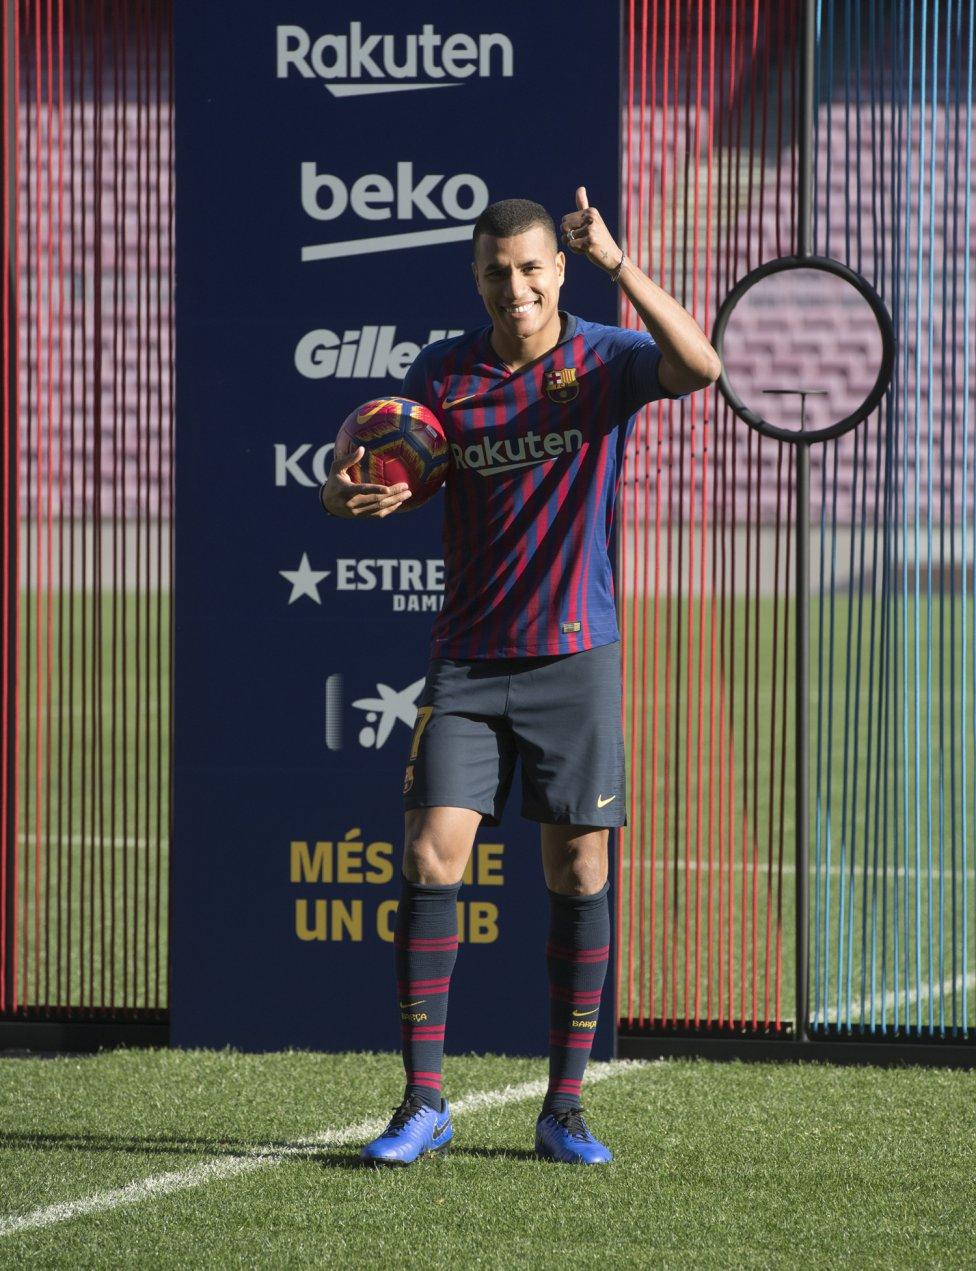 تقديم جيسون موريللو لاعب جديد في صفوف نادي برشلونة 1545912909_078282_1545914509_album_grande